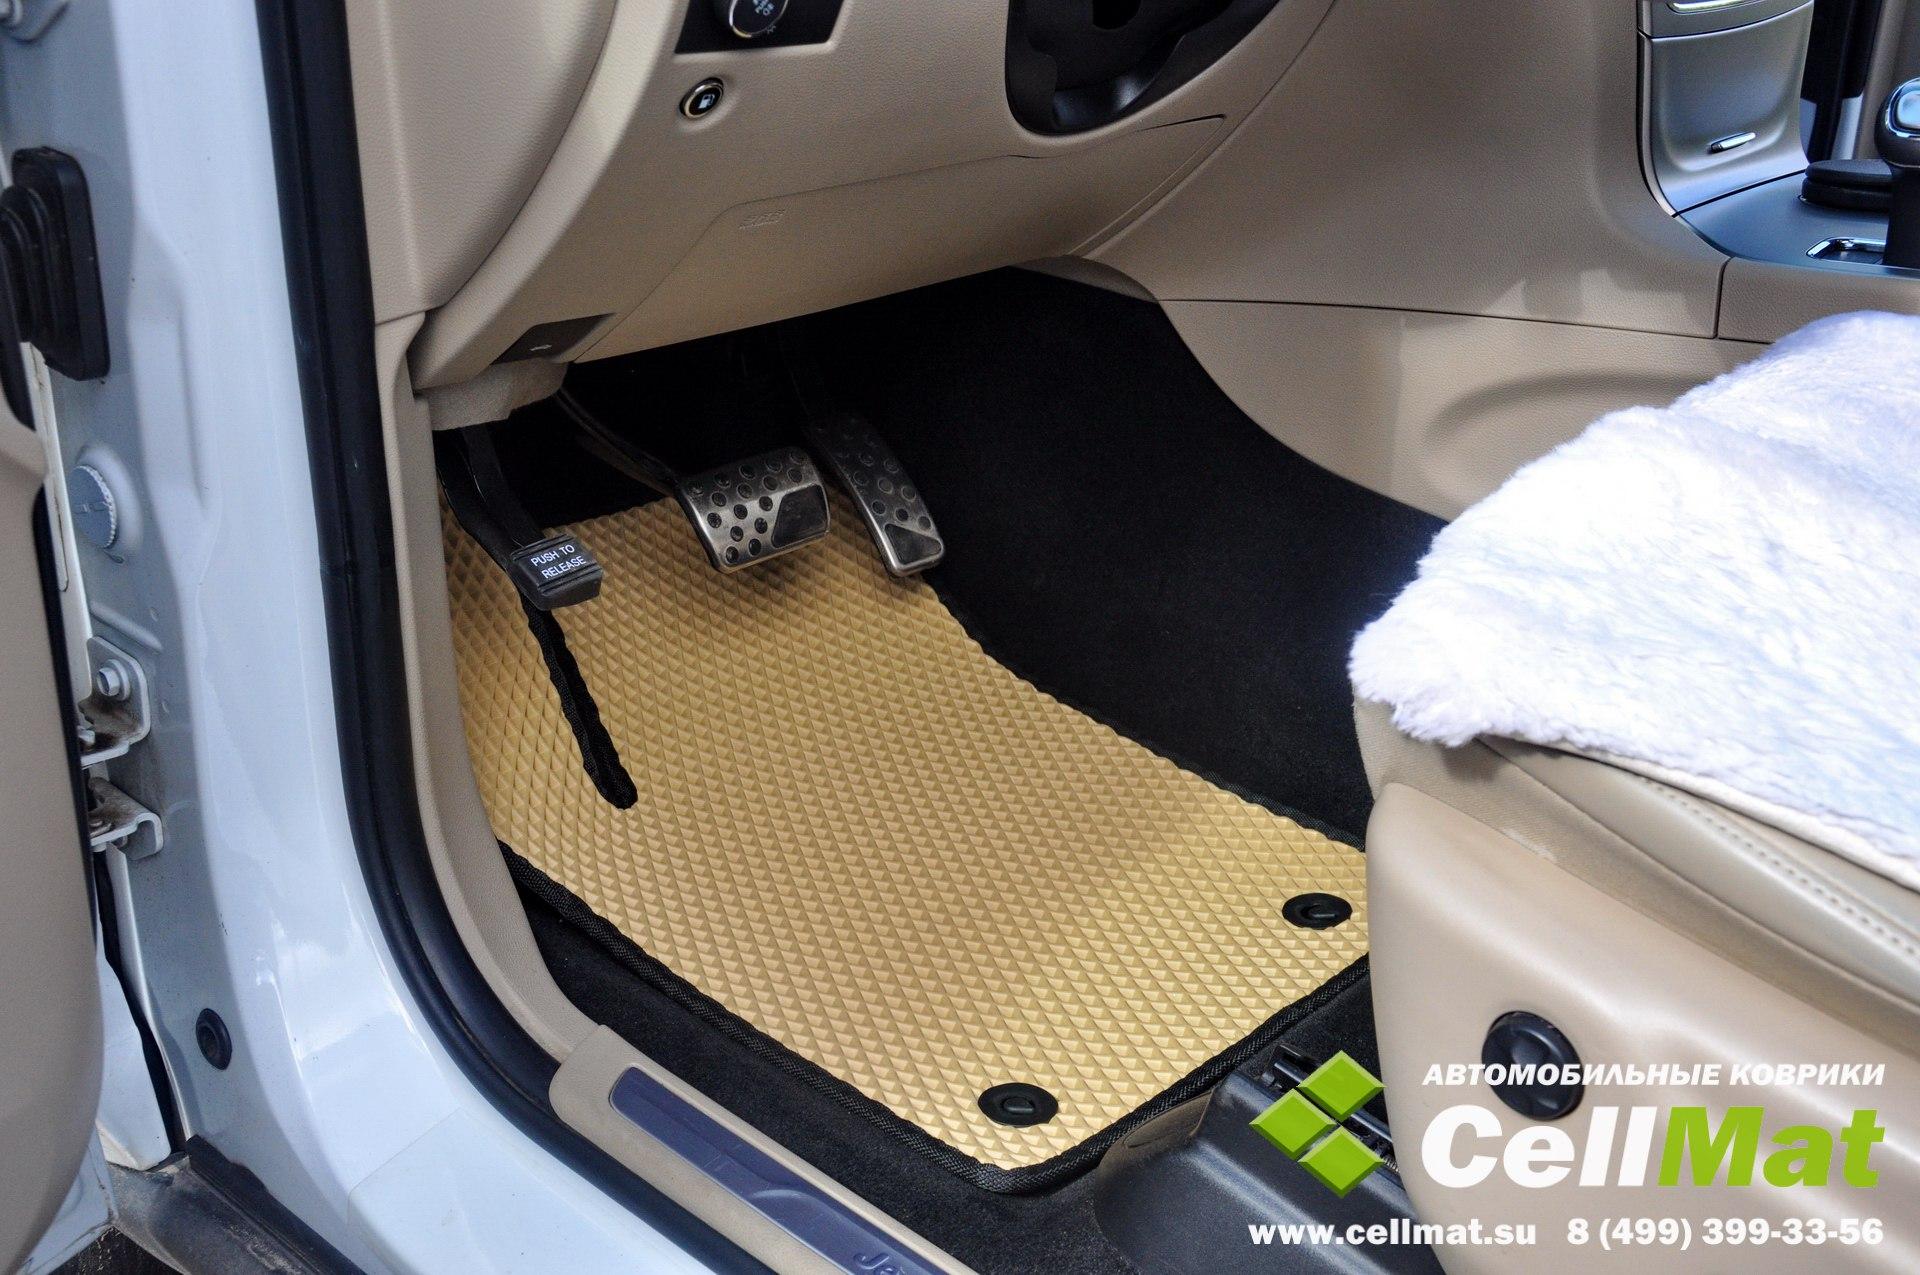 Почему club41619594автомобильные коврики EVA так стремительно набирают популярность